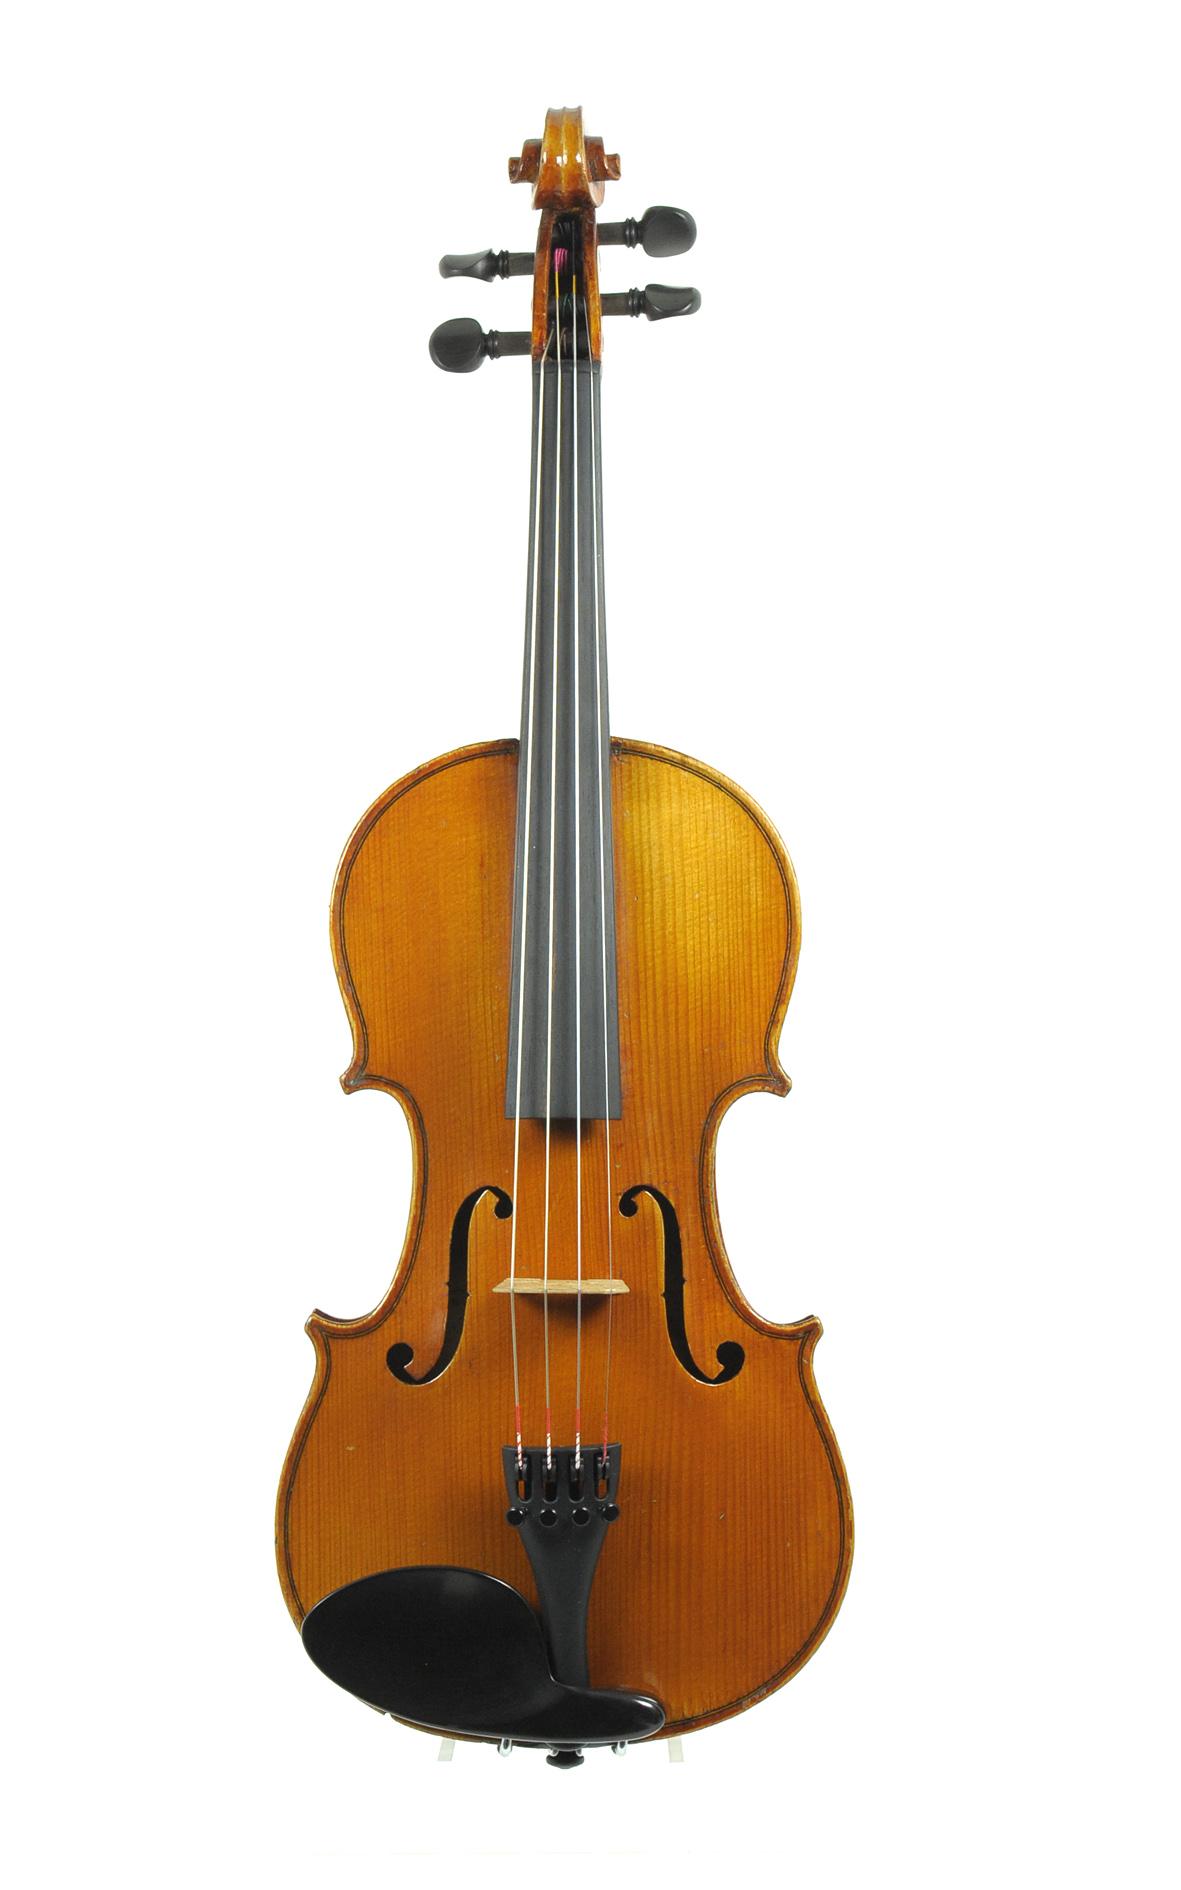 sale fine antique french 3 4 sized violin noble sound children 39 s violins france unknown. Black Bedroom Furniture Sets. Home Design Ideas